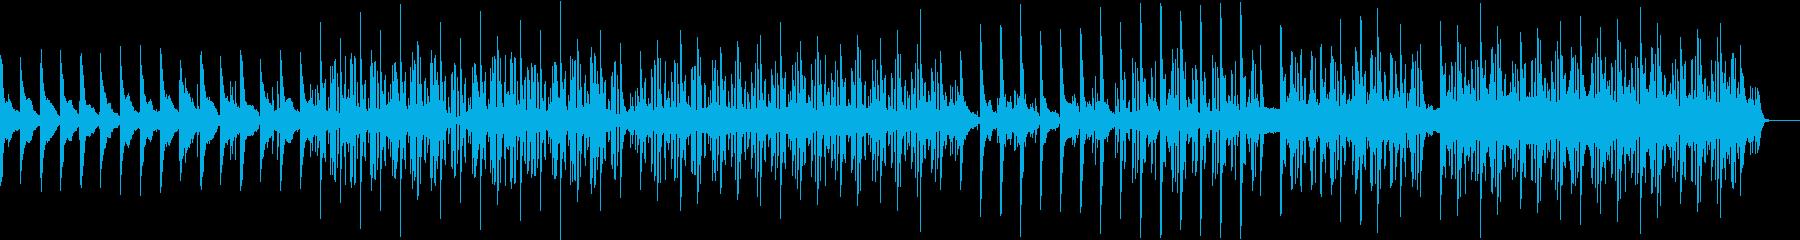 ピアノとストリングスの哀愁的卒業ソングの再生済みの波形